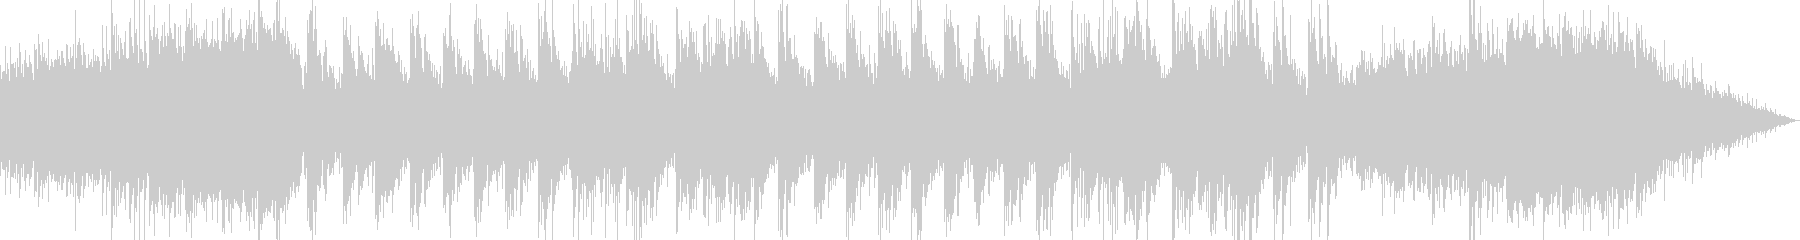 降り積もる雪を表現したボイスシンセピアノの未再生の波形